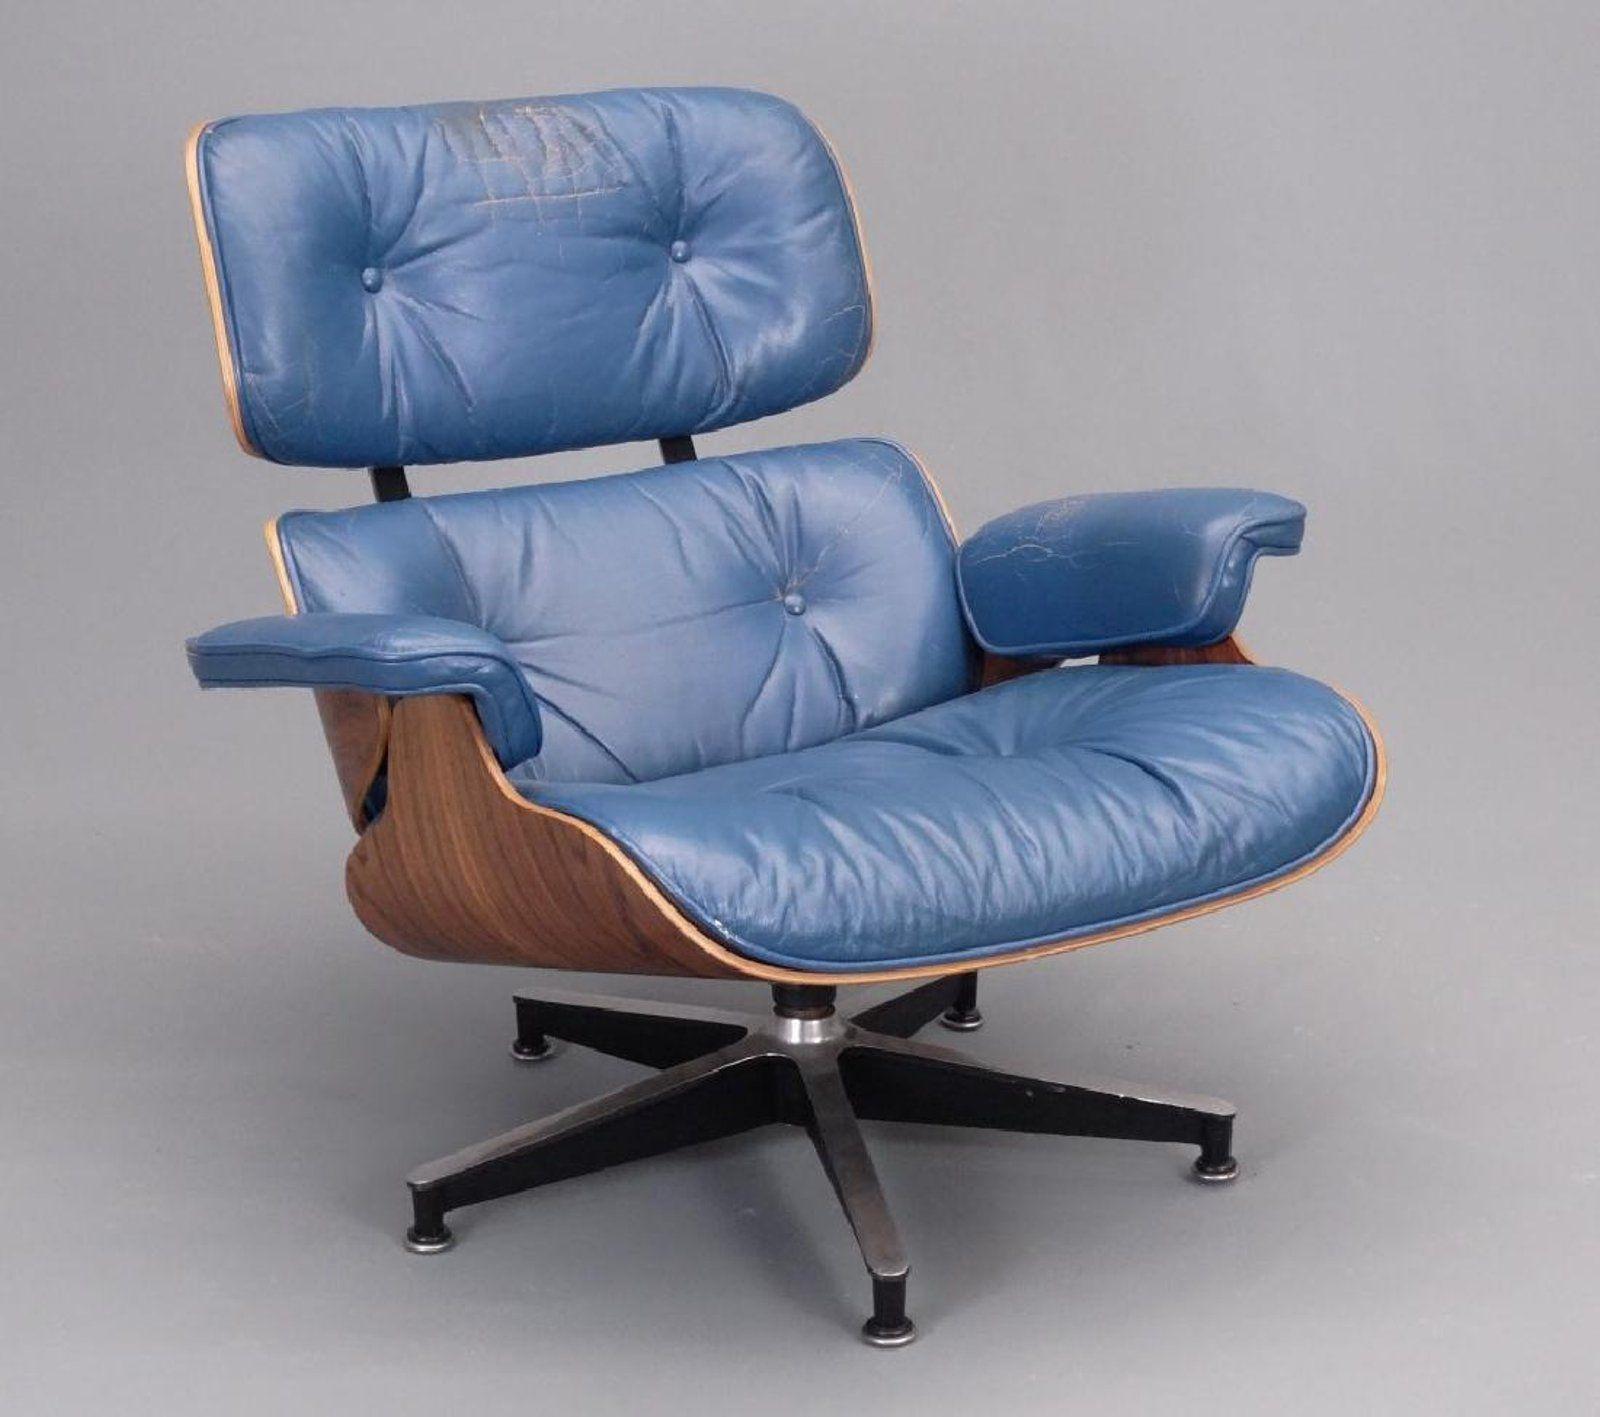 Vintage Herman Miller Eames Chair In Blue Leather Herman